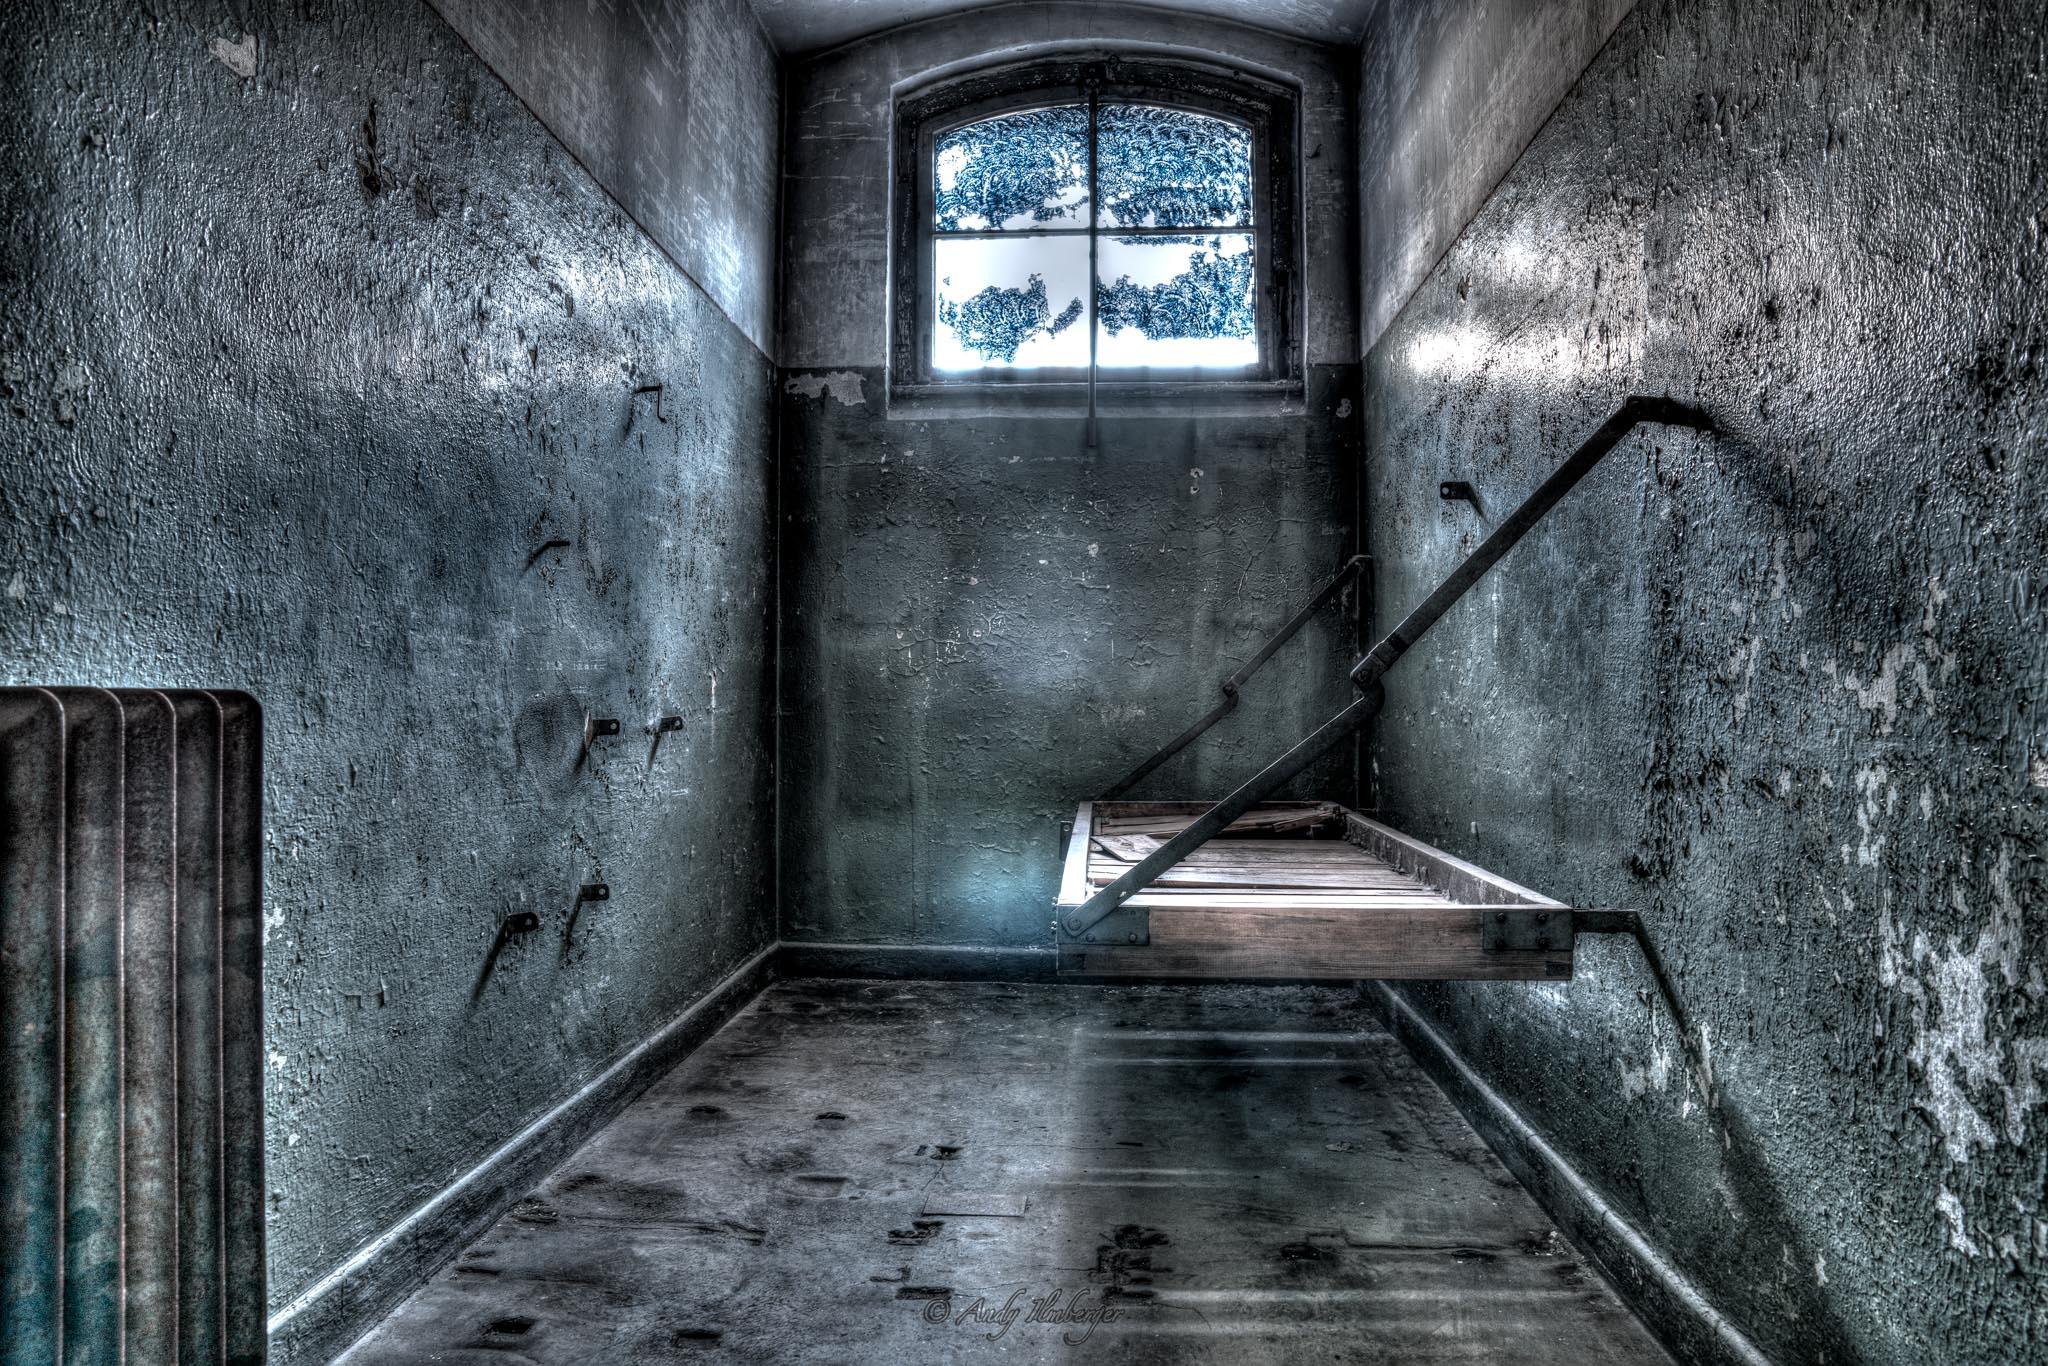 Endstation Gefängnis Berlin Köpenick